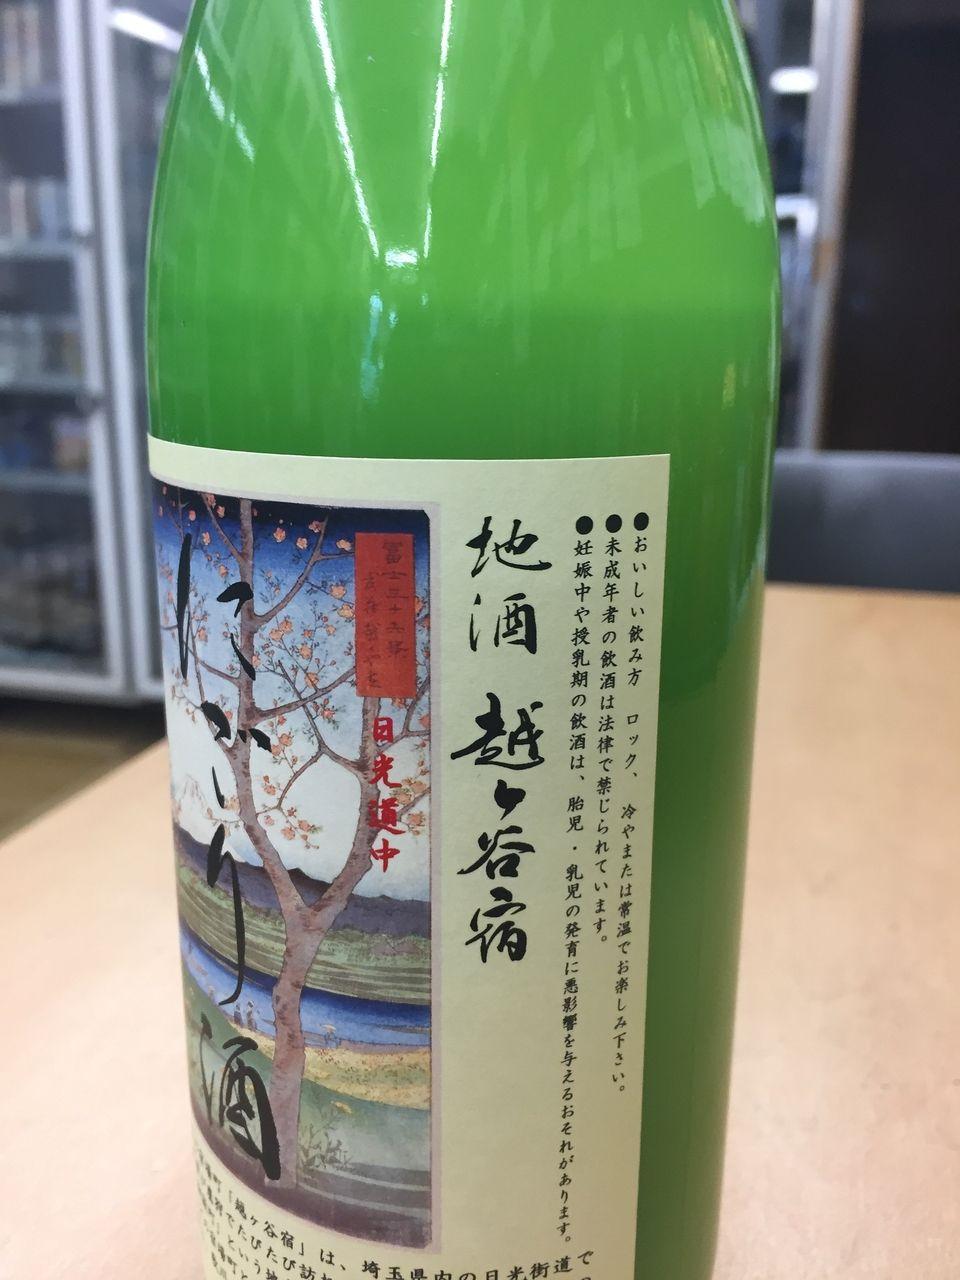 越ヶ谷宿 純米にごり酒~この時期にしか手に入らないにごり酒~